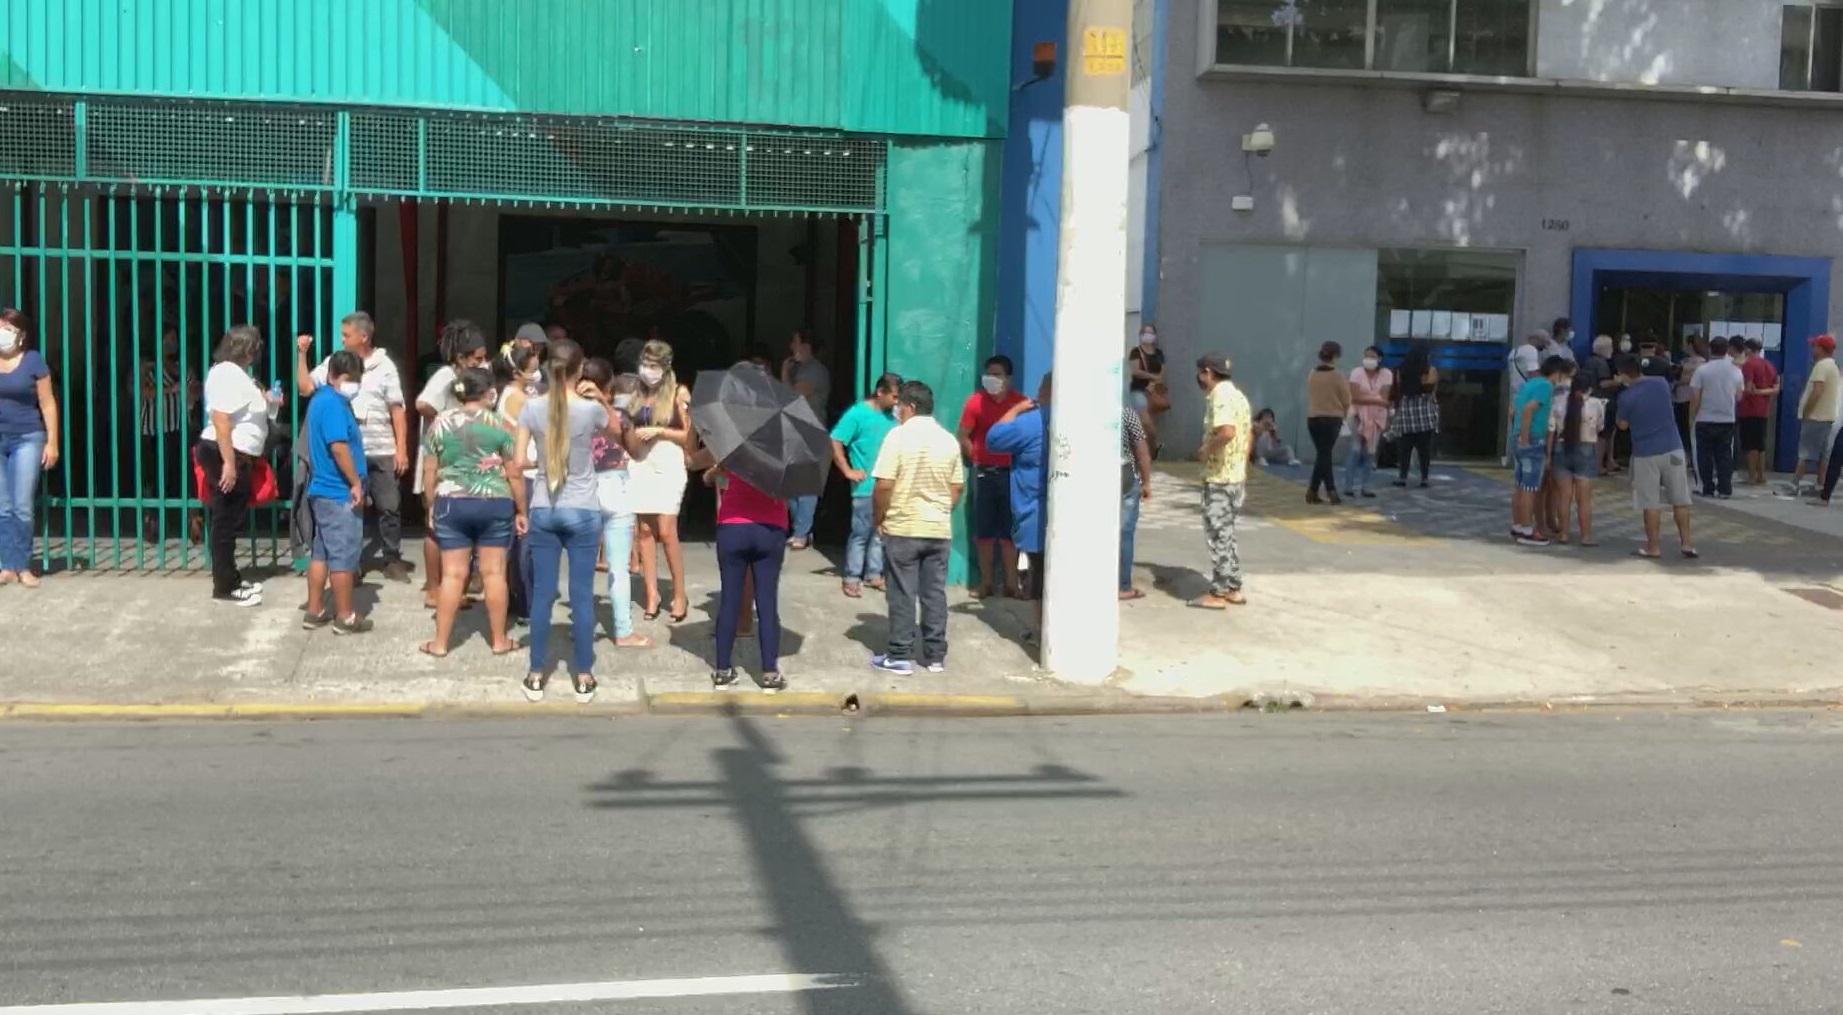 Por auxílio emergencial, agência da Caixa em São Paulo tem fila e aglomeração